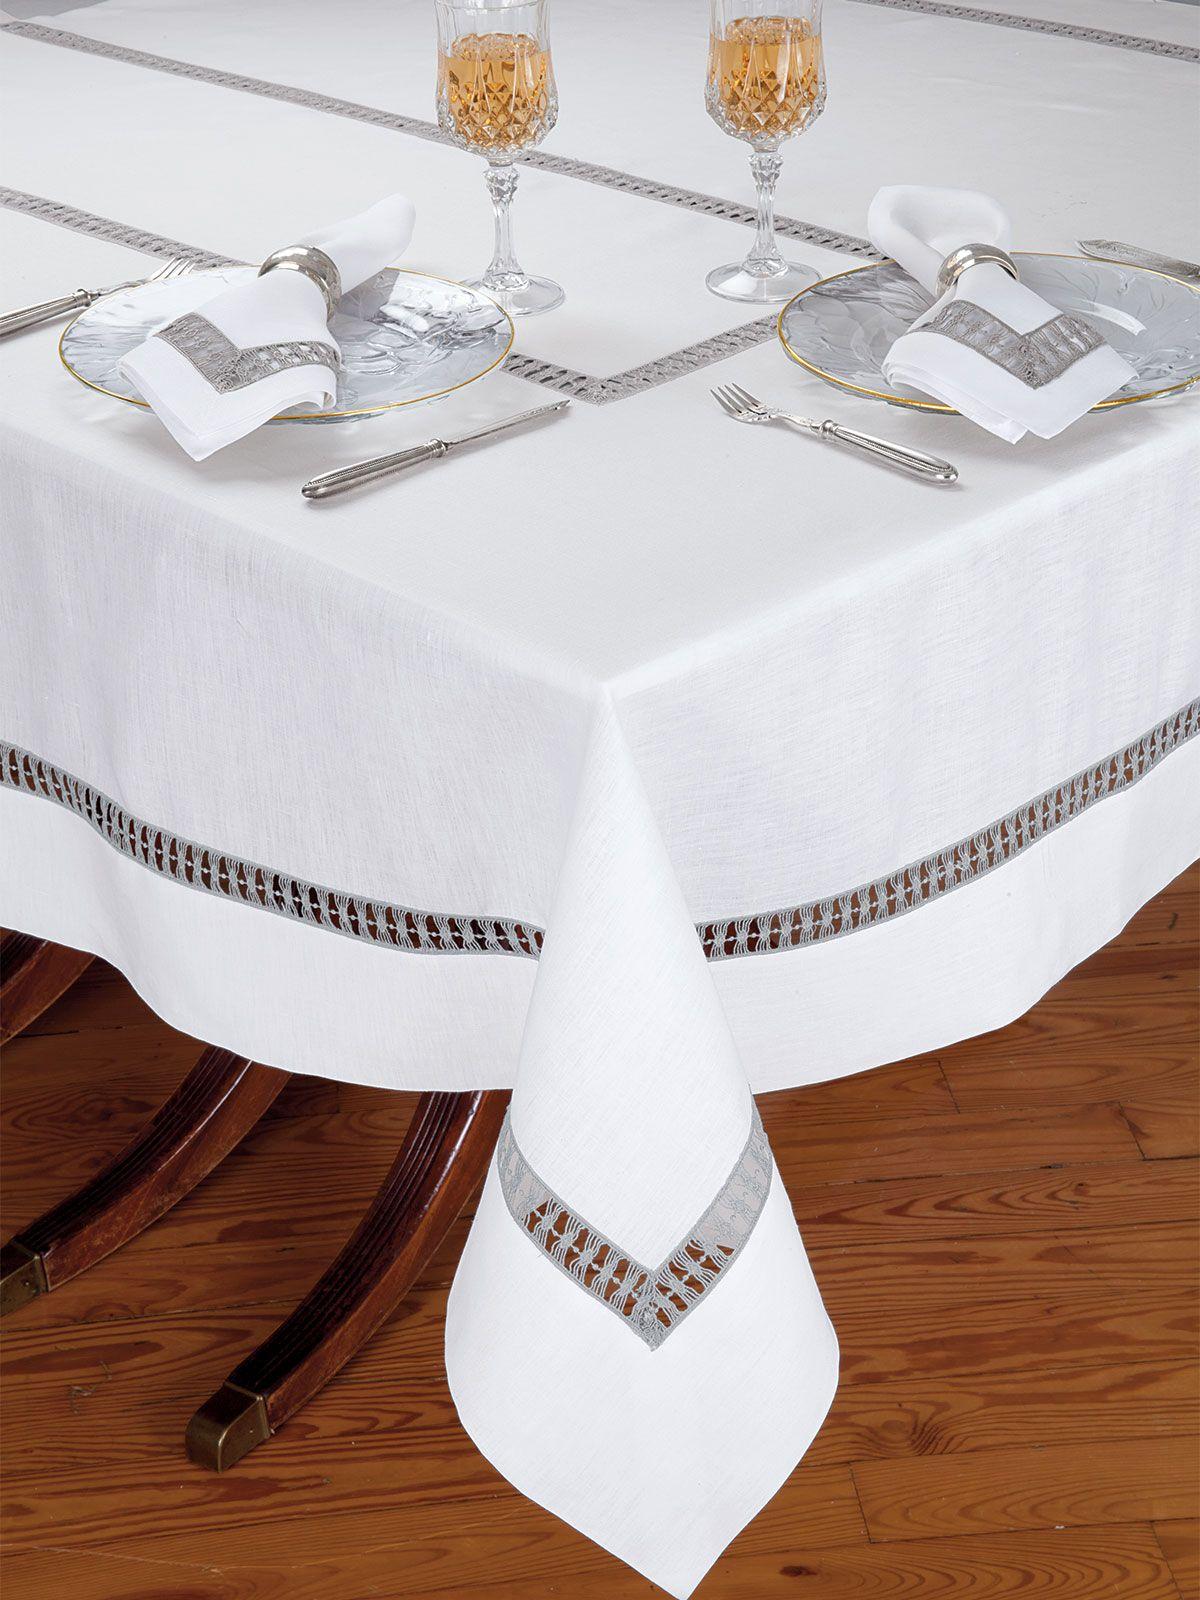 Atelier Table Fine Table Linens Schweitzer Linen Diy